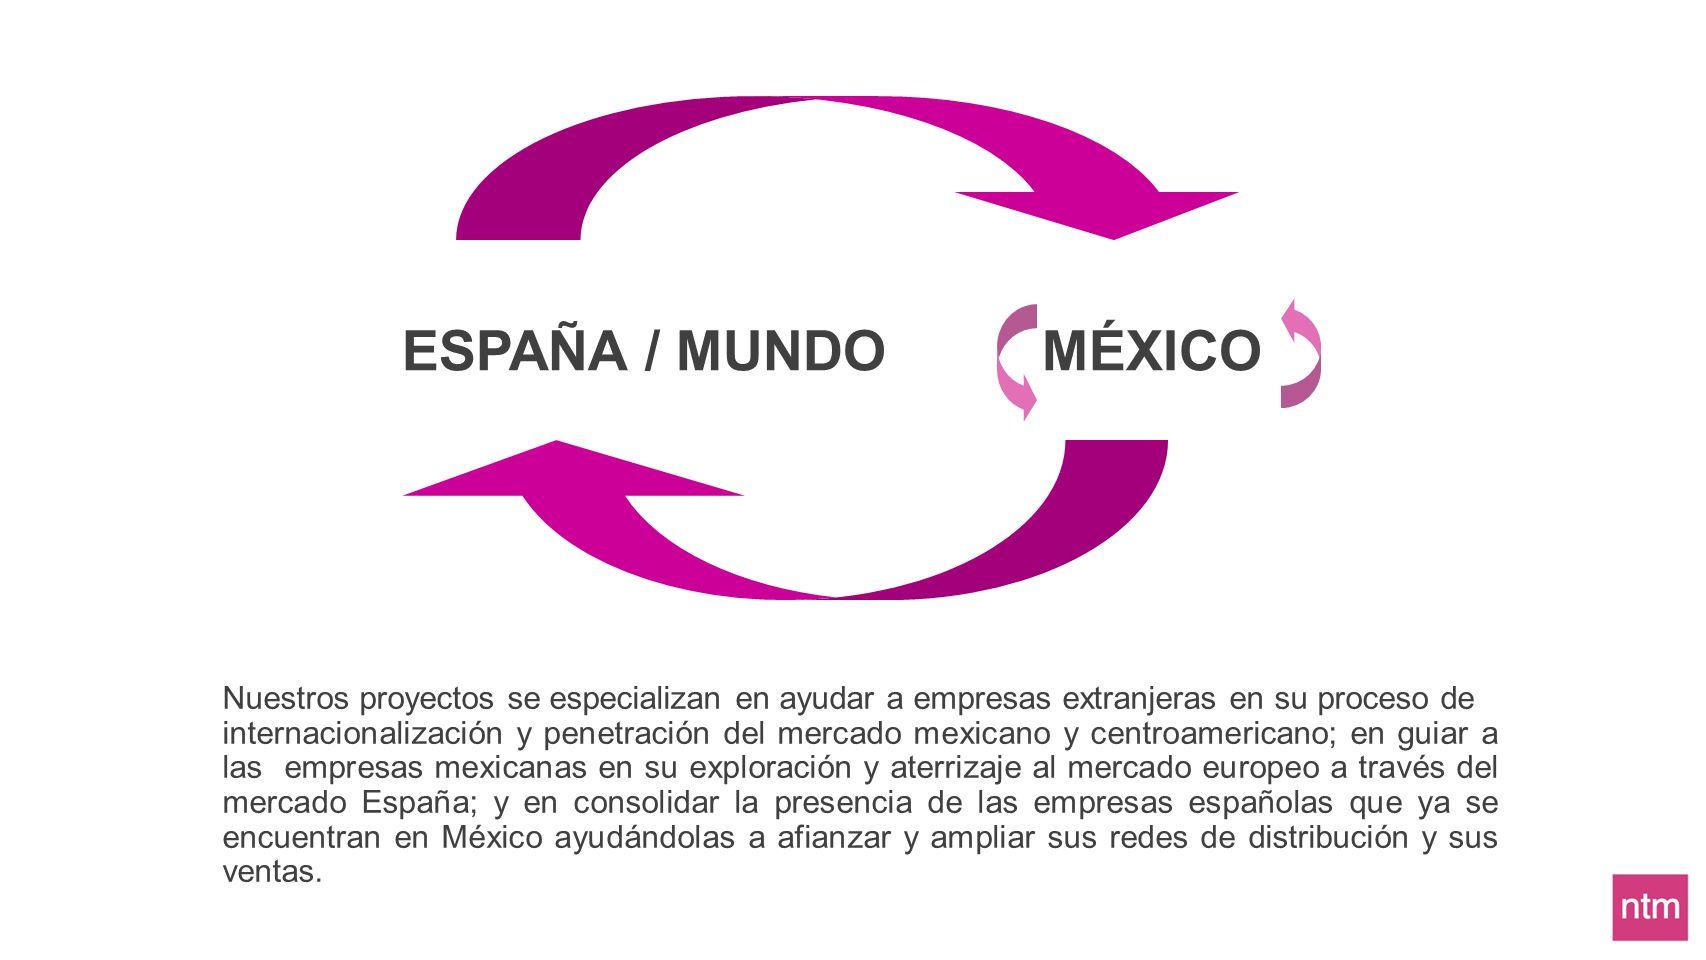 Nuestros proyectos se especializan en ayudar a empresas extranjeras en su proceso de internacionalización y penetración del mercado mexicano y centroa